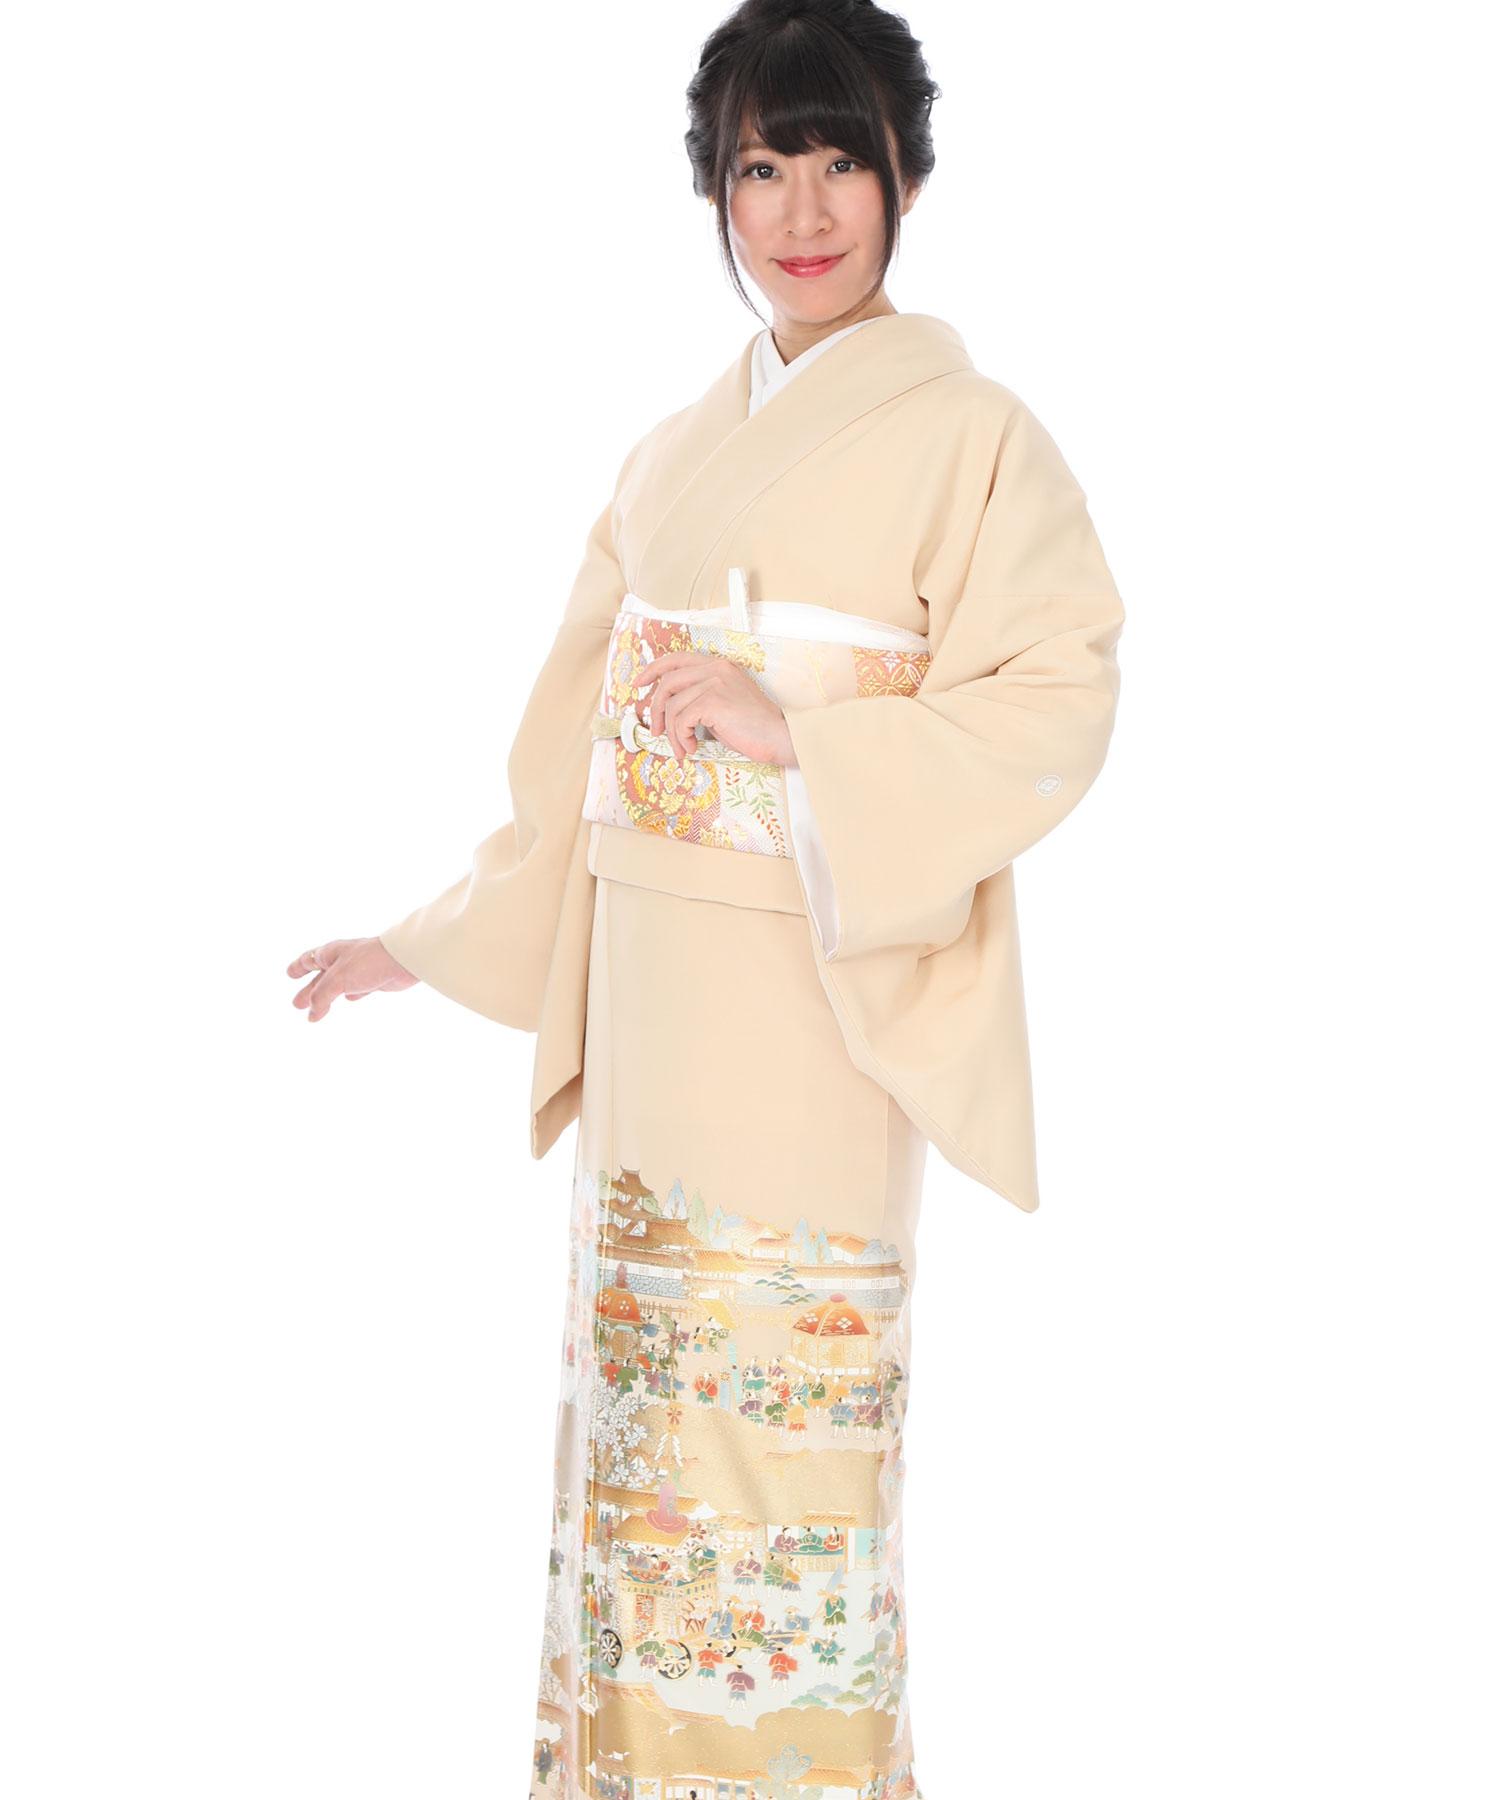 色留袖 うす橙に祇園祭 I0027 L